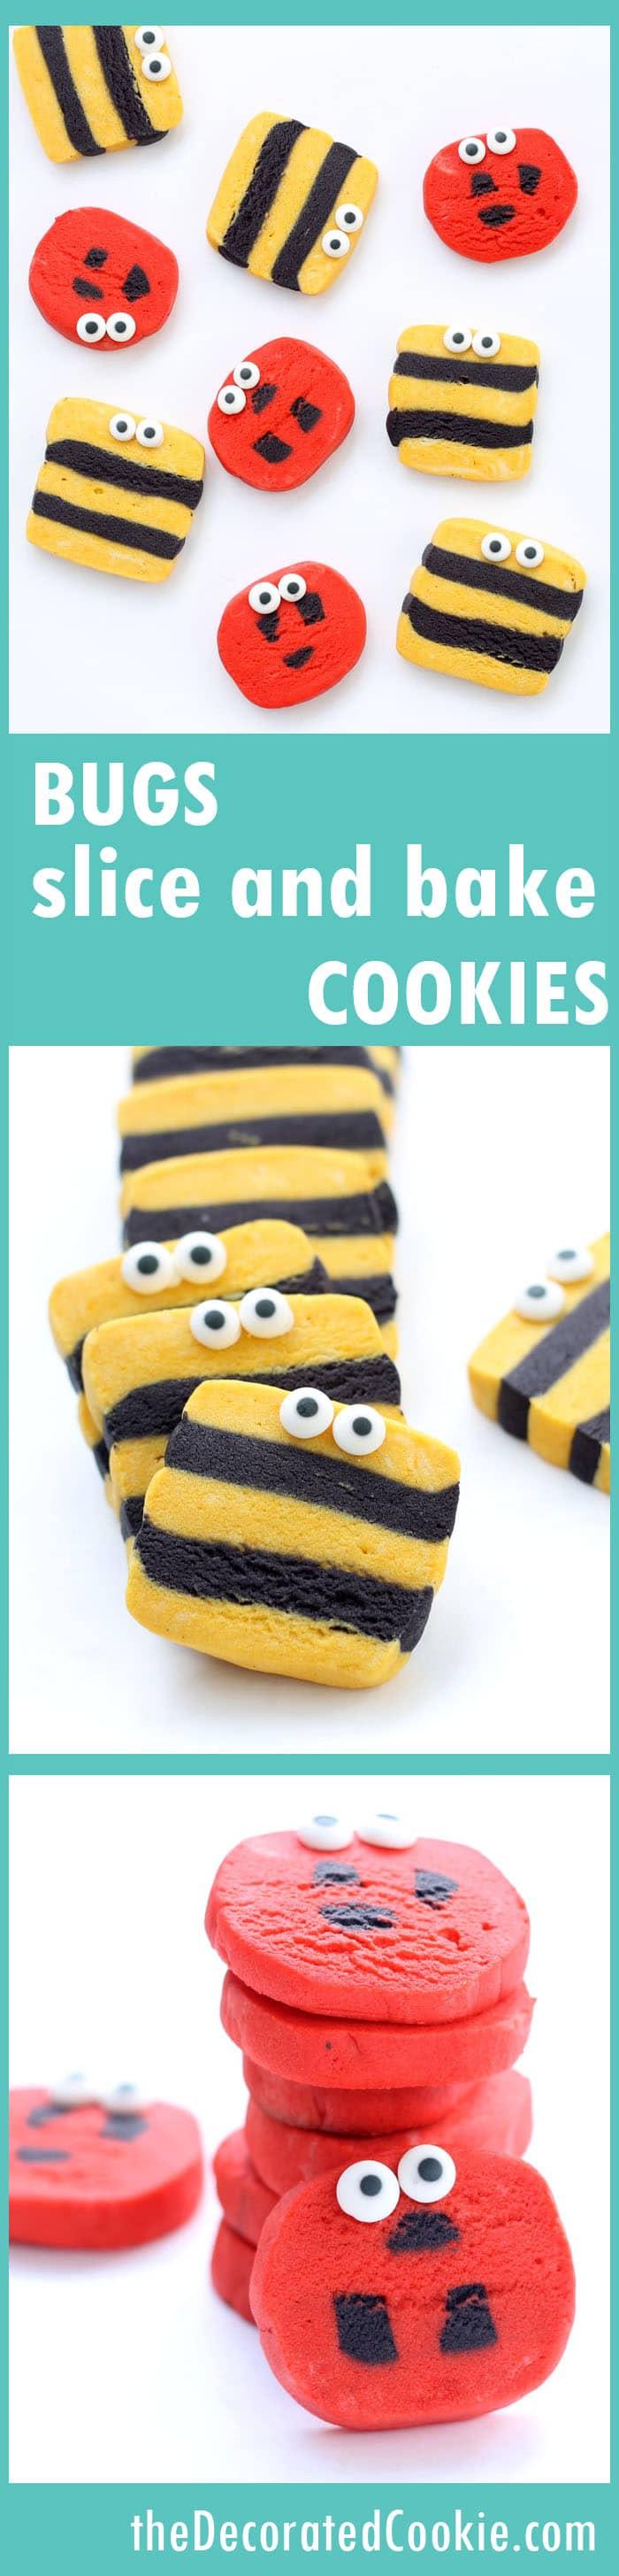 ladybug and bumble bee slice and bake cookies